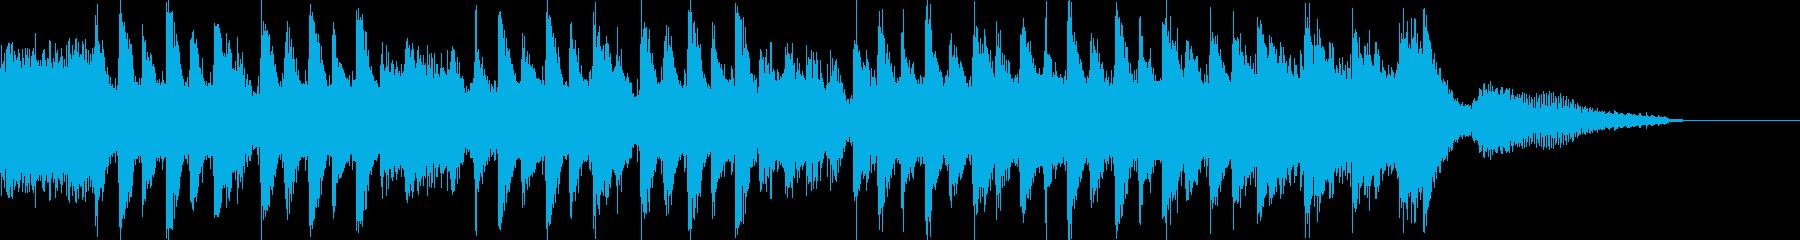 シンキングタイムに、ポップで楽しい曲の再生済みの波形